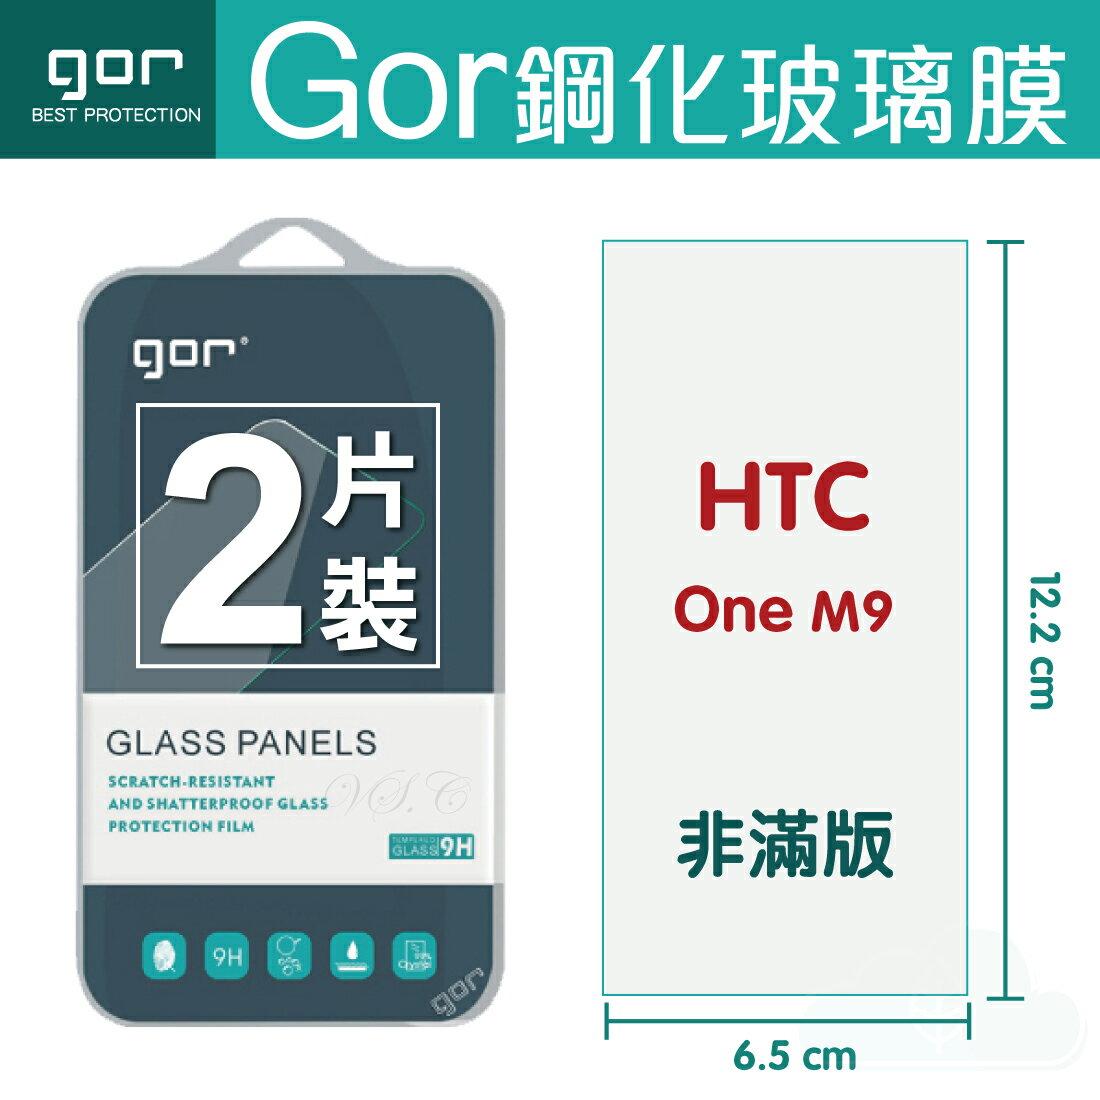 【HTC】GOR 9H HTC One M9 鋼化 玻璃 保護貼 全透明非滿版 兩片裝 【全館滿299免運費】